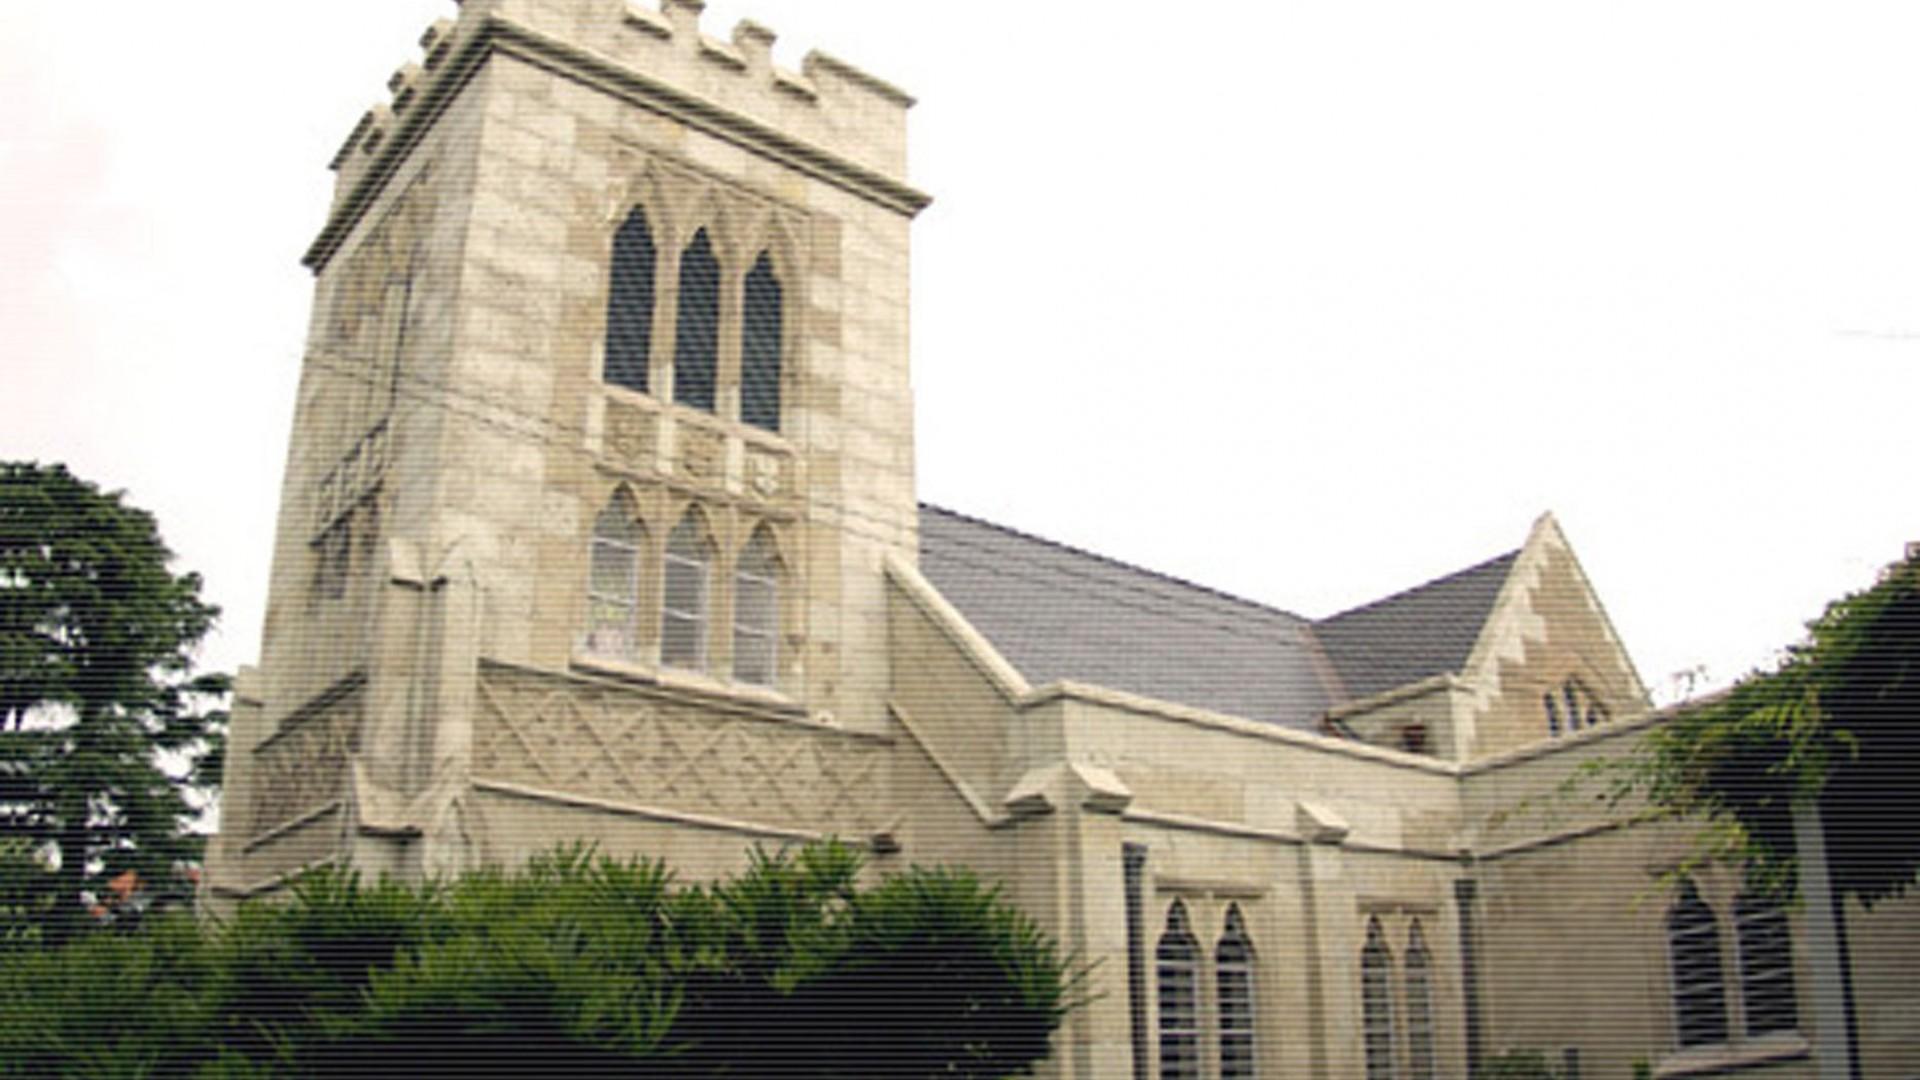 横浜山手聖公会(Yokohama Christ Church)